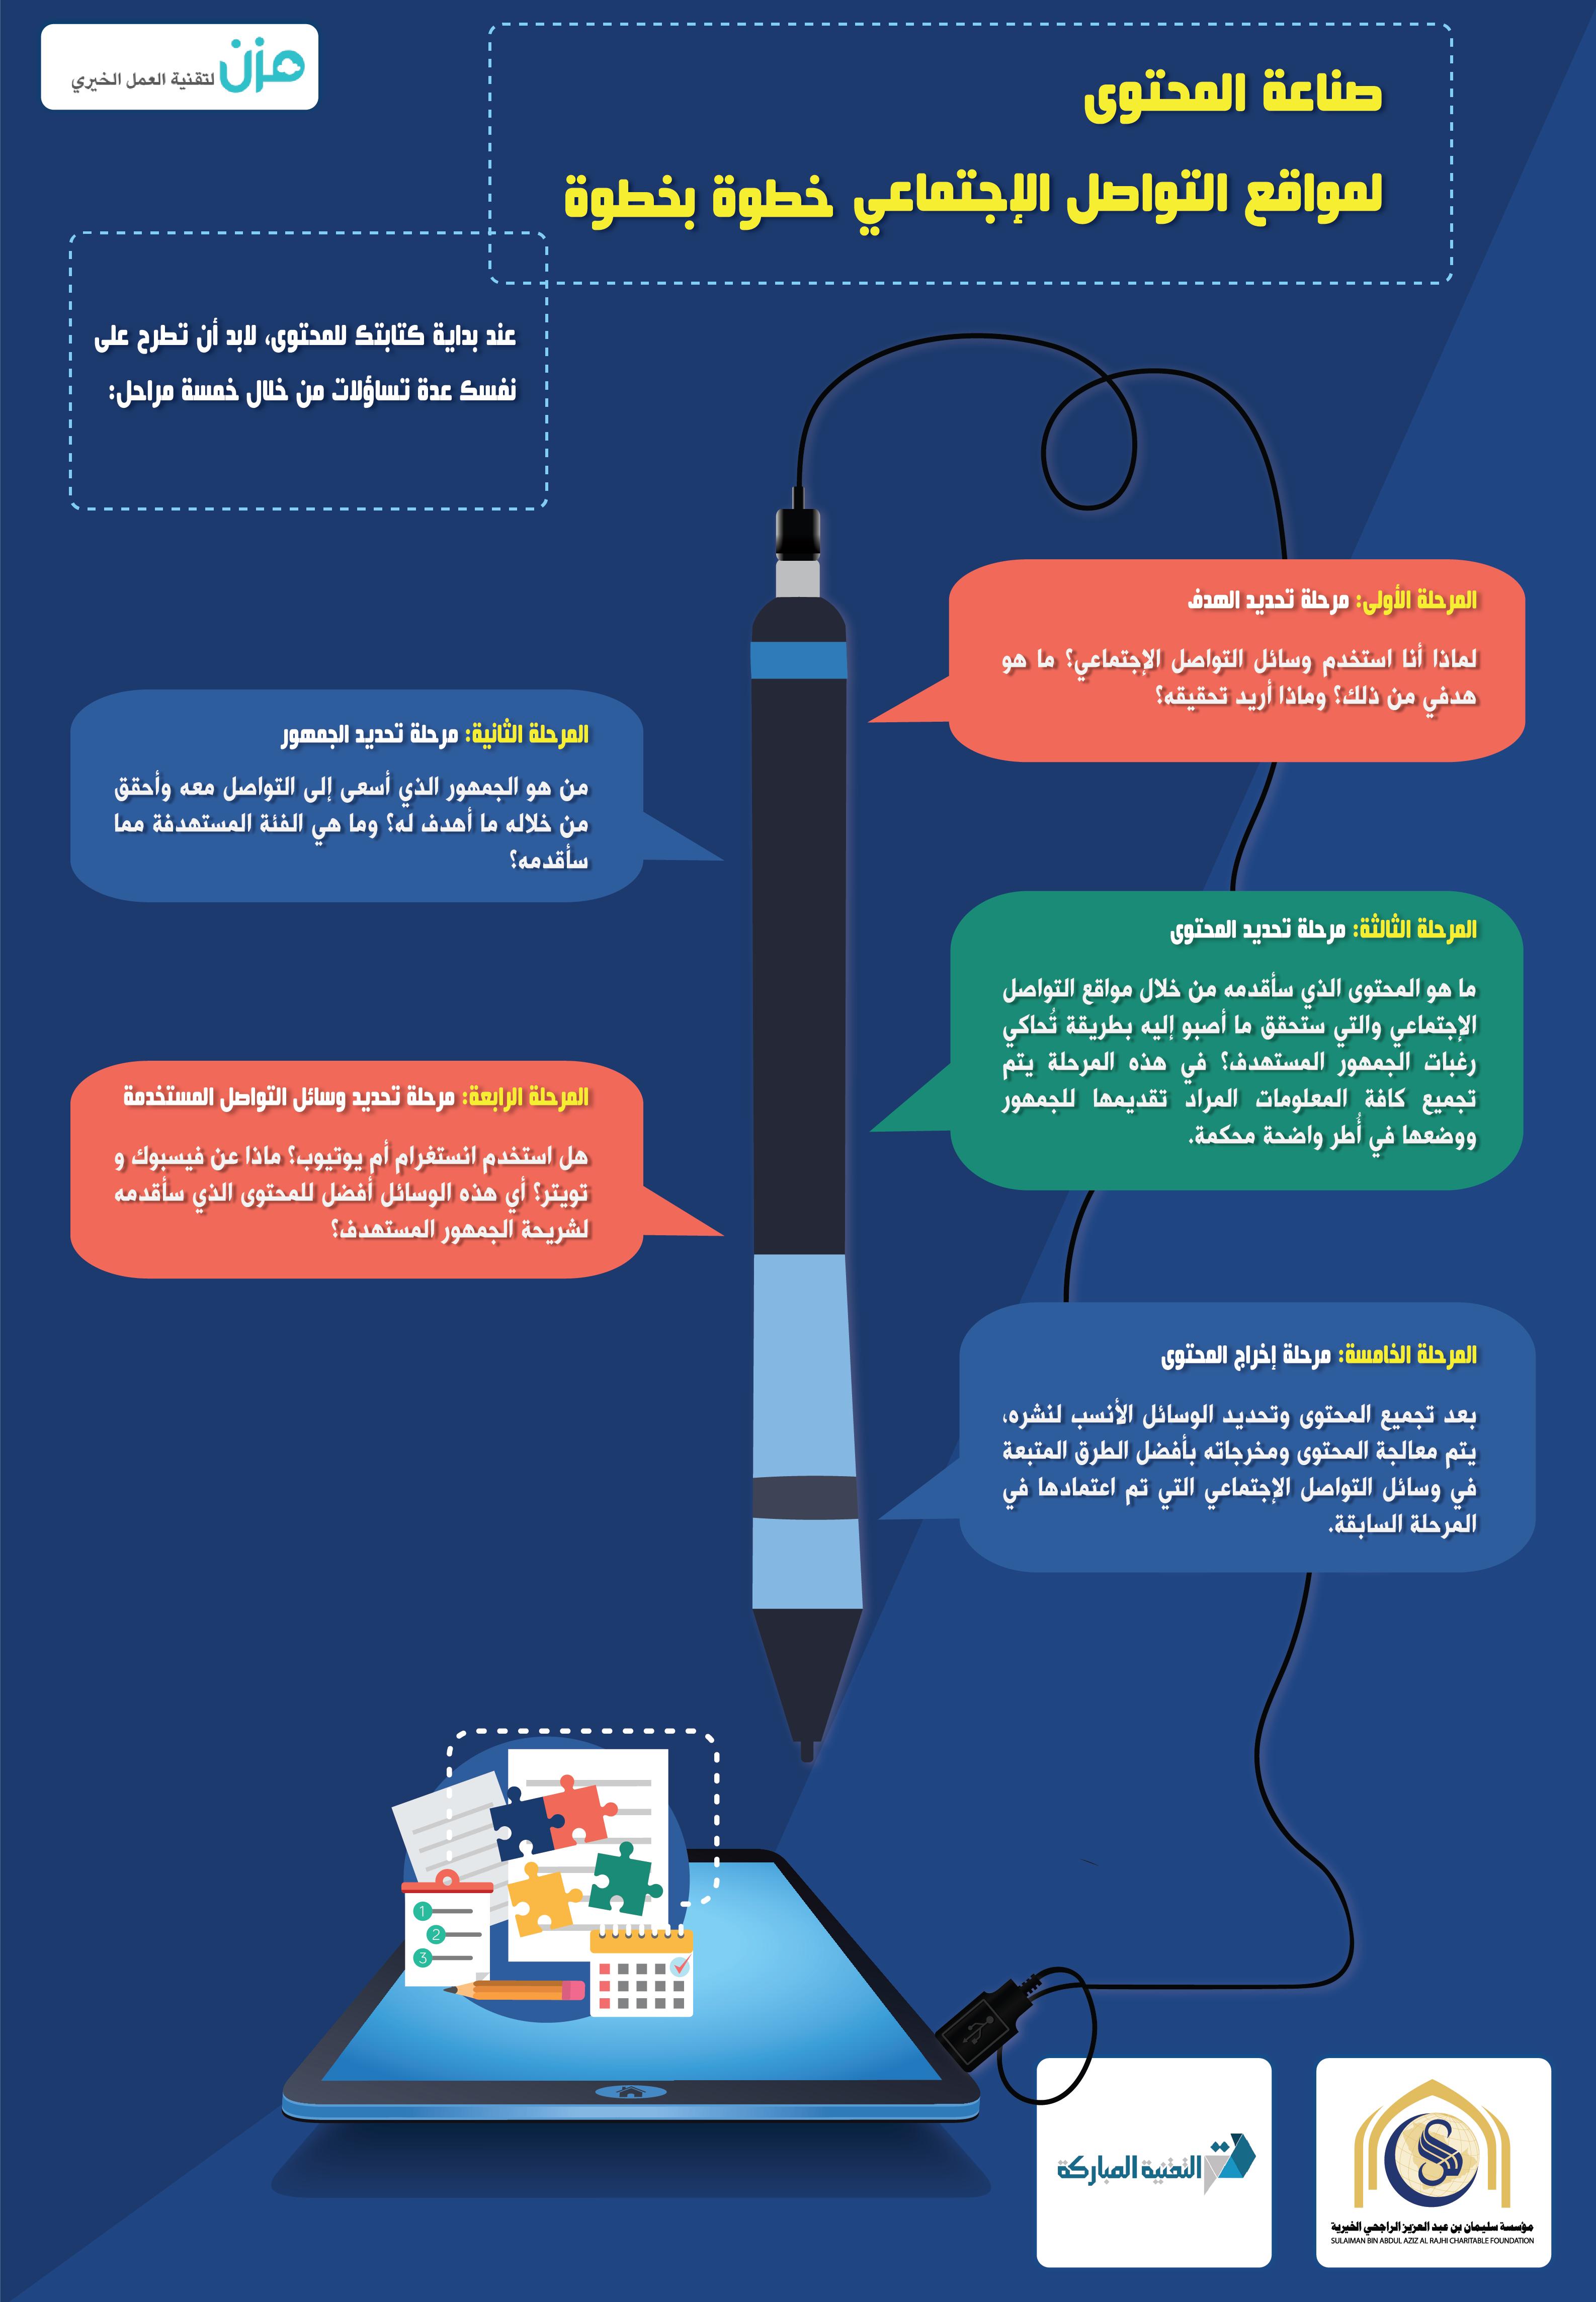 عملية صناعة محتوى متميز للشبكات الإجتماعية في خمس خطوات تبدأ من تحديد الهدف حتى إخراج المحتوى